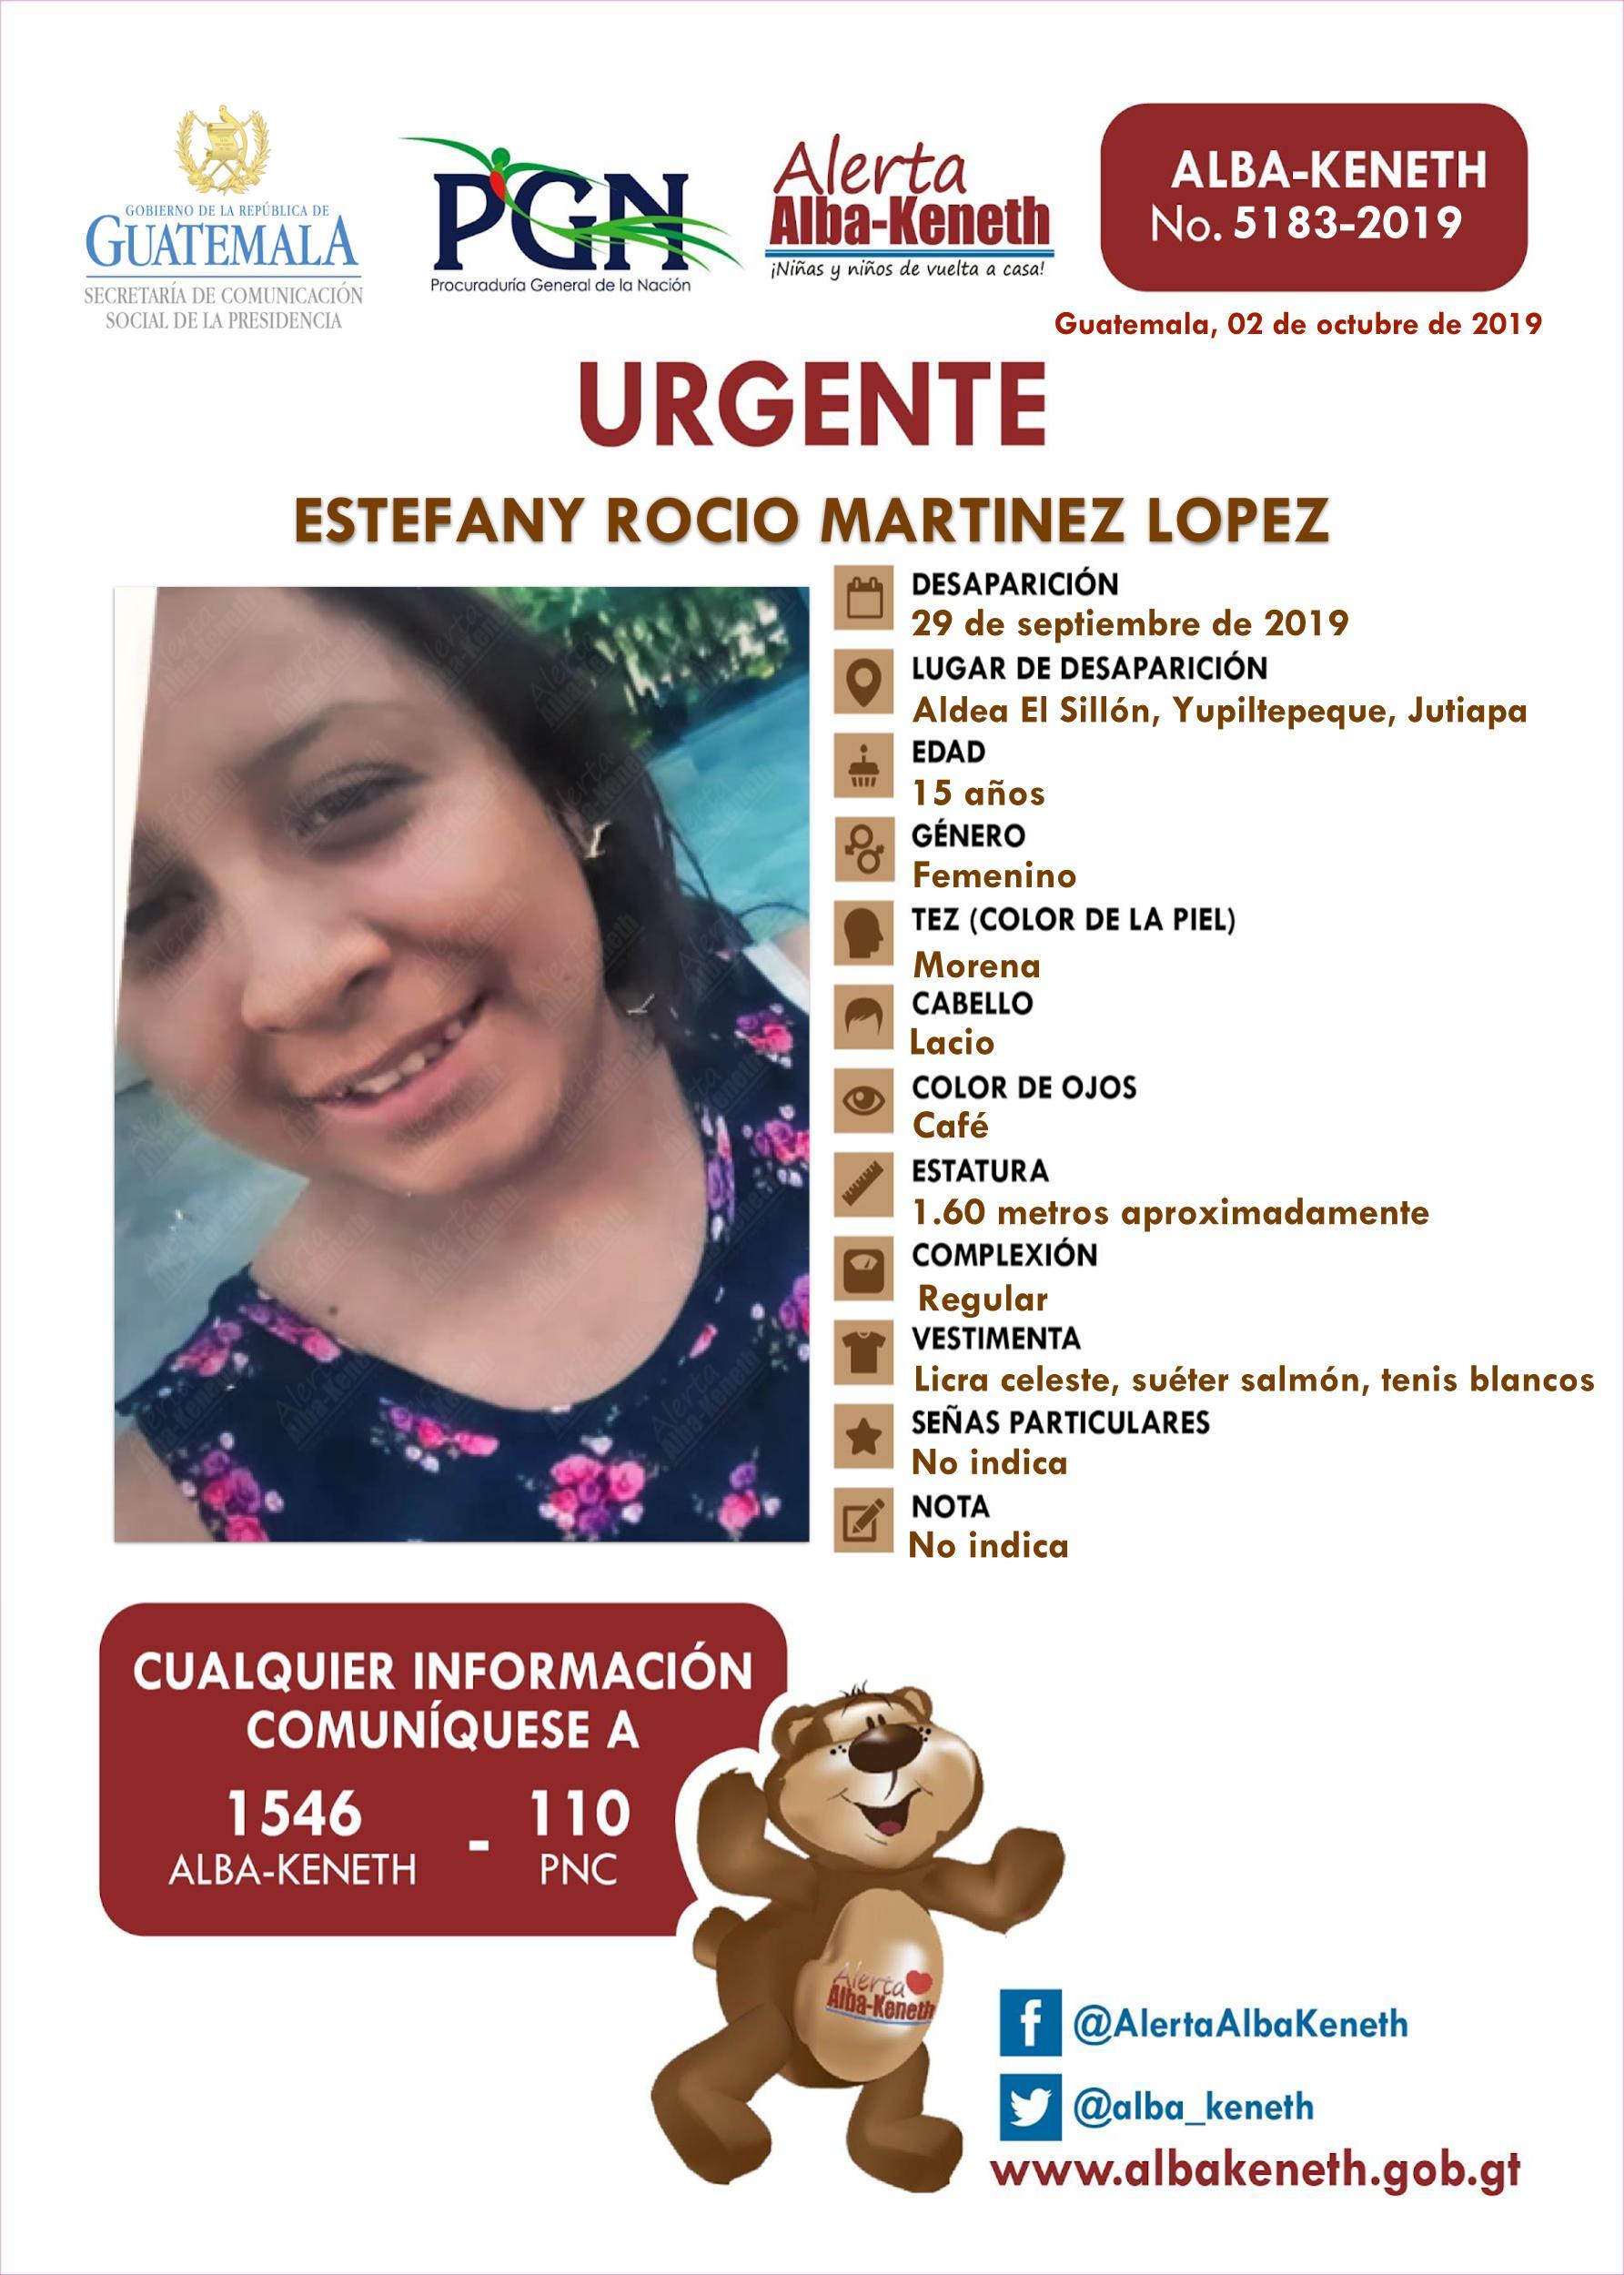 Estefany Rocio Martinez Lopez